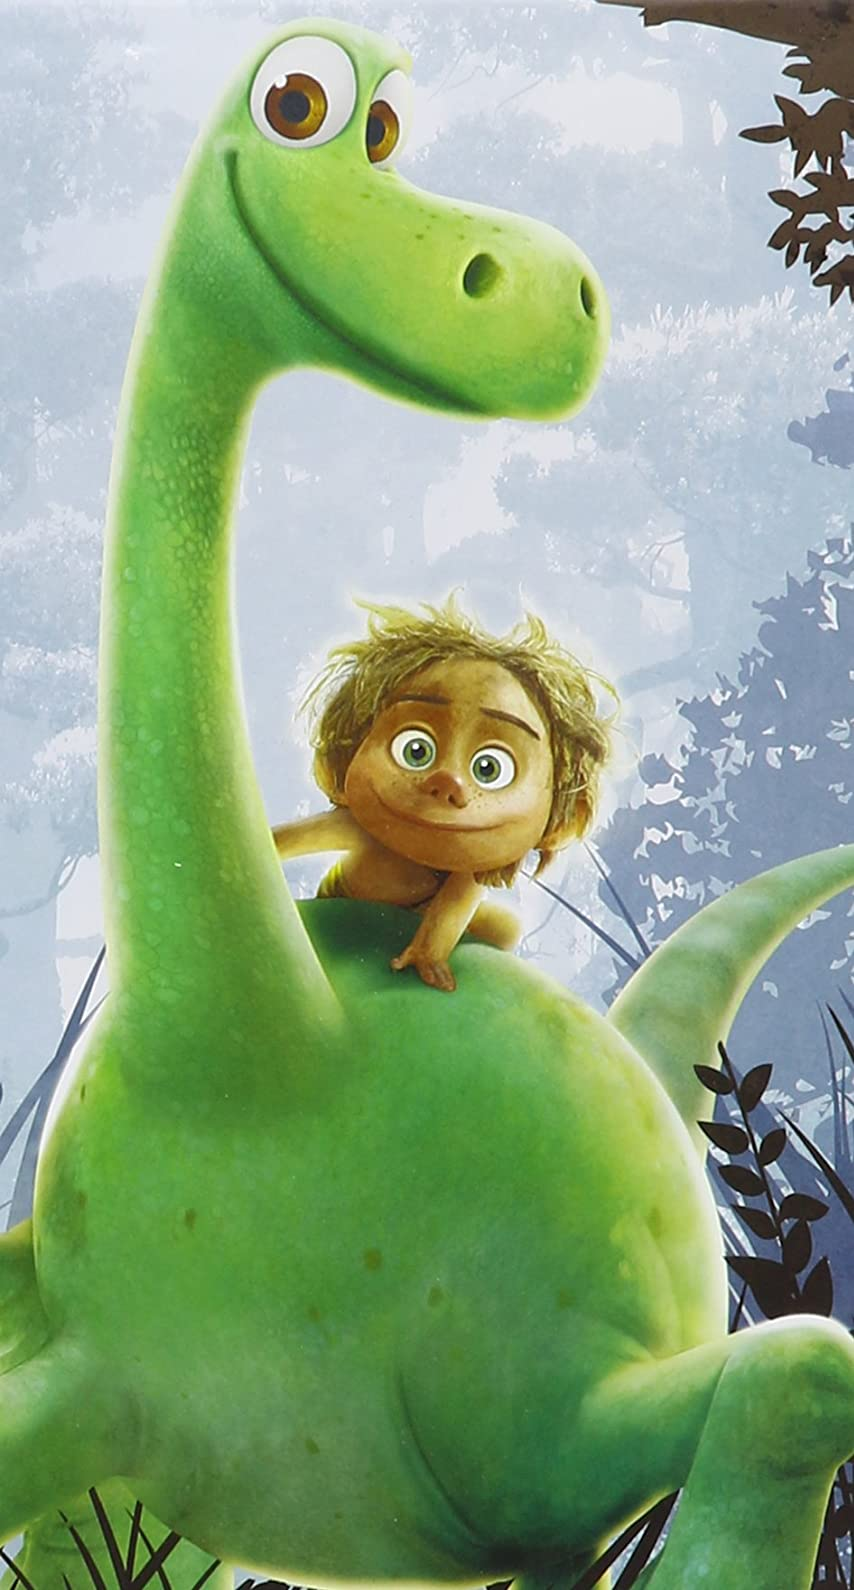 ディズニー 『アーロと少年』(The Good Dinosaur) アーロ(Arlo),スポット(Spot) iPhone8/7/6s/6 壁紙 視差効果 画像52802 スマポ